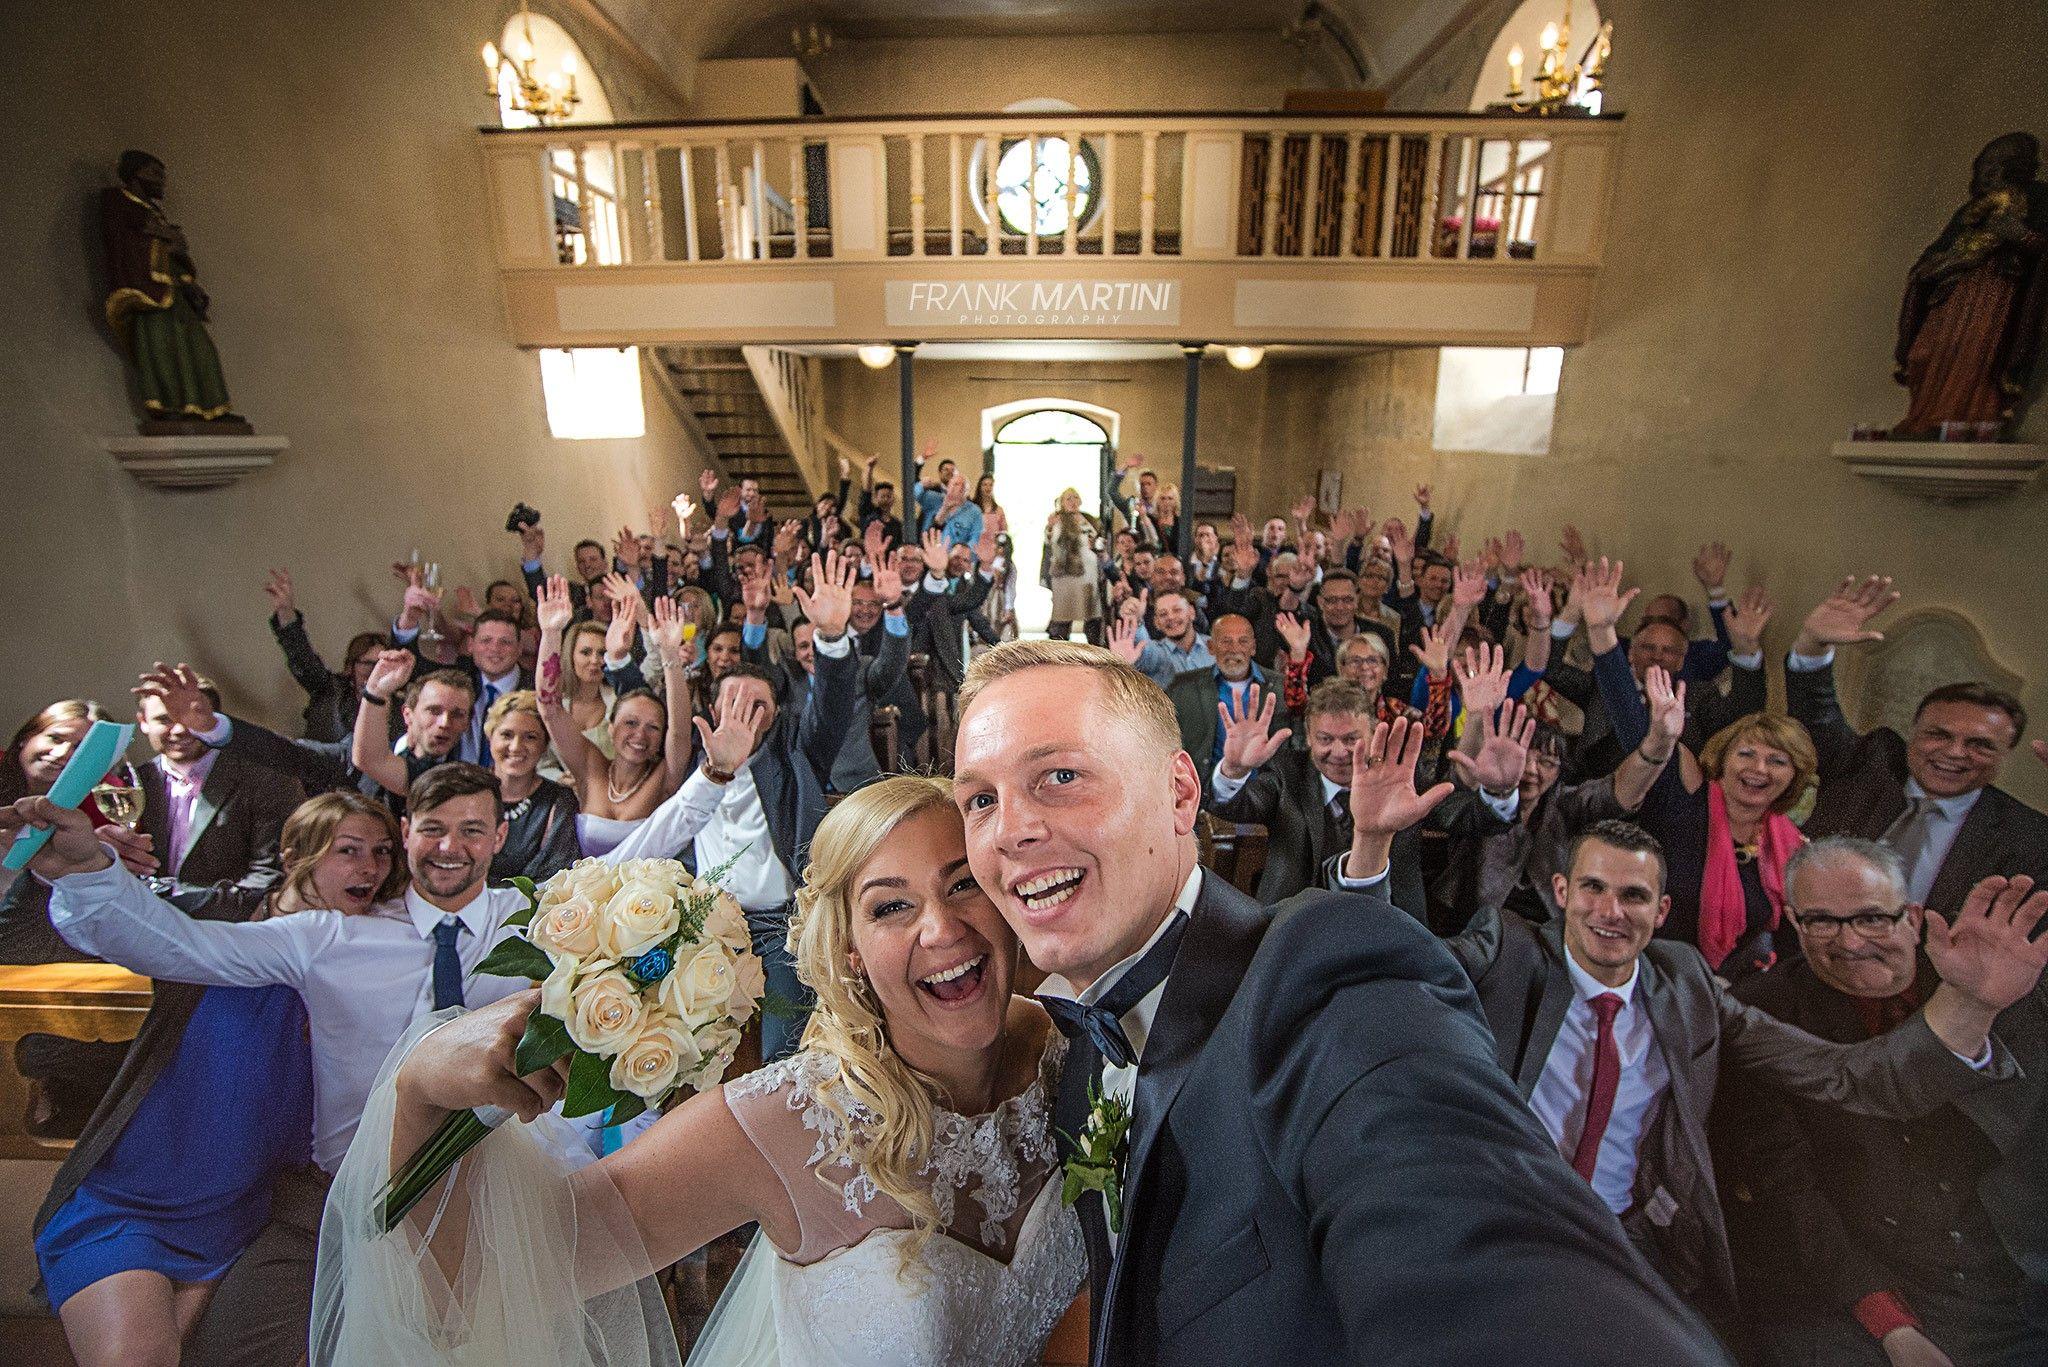 Extraordinary Lustige Hochzeitsbilder Photo Of Witzige Und Ausgefallene Gruppenfotos Auf Der Hochzeit